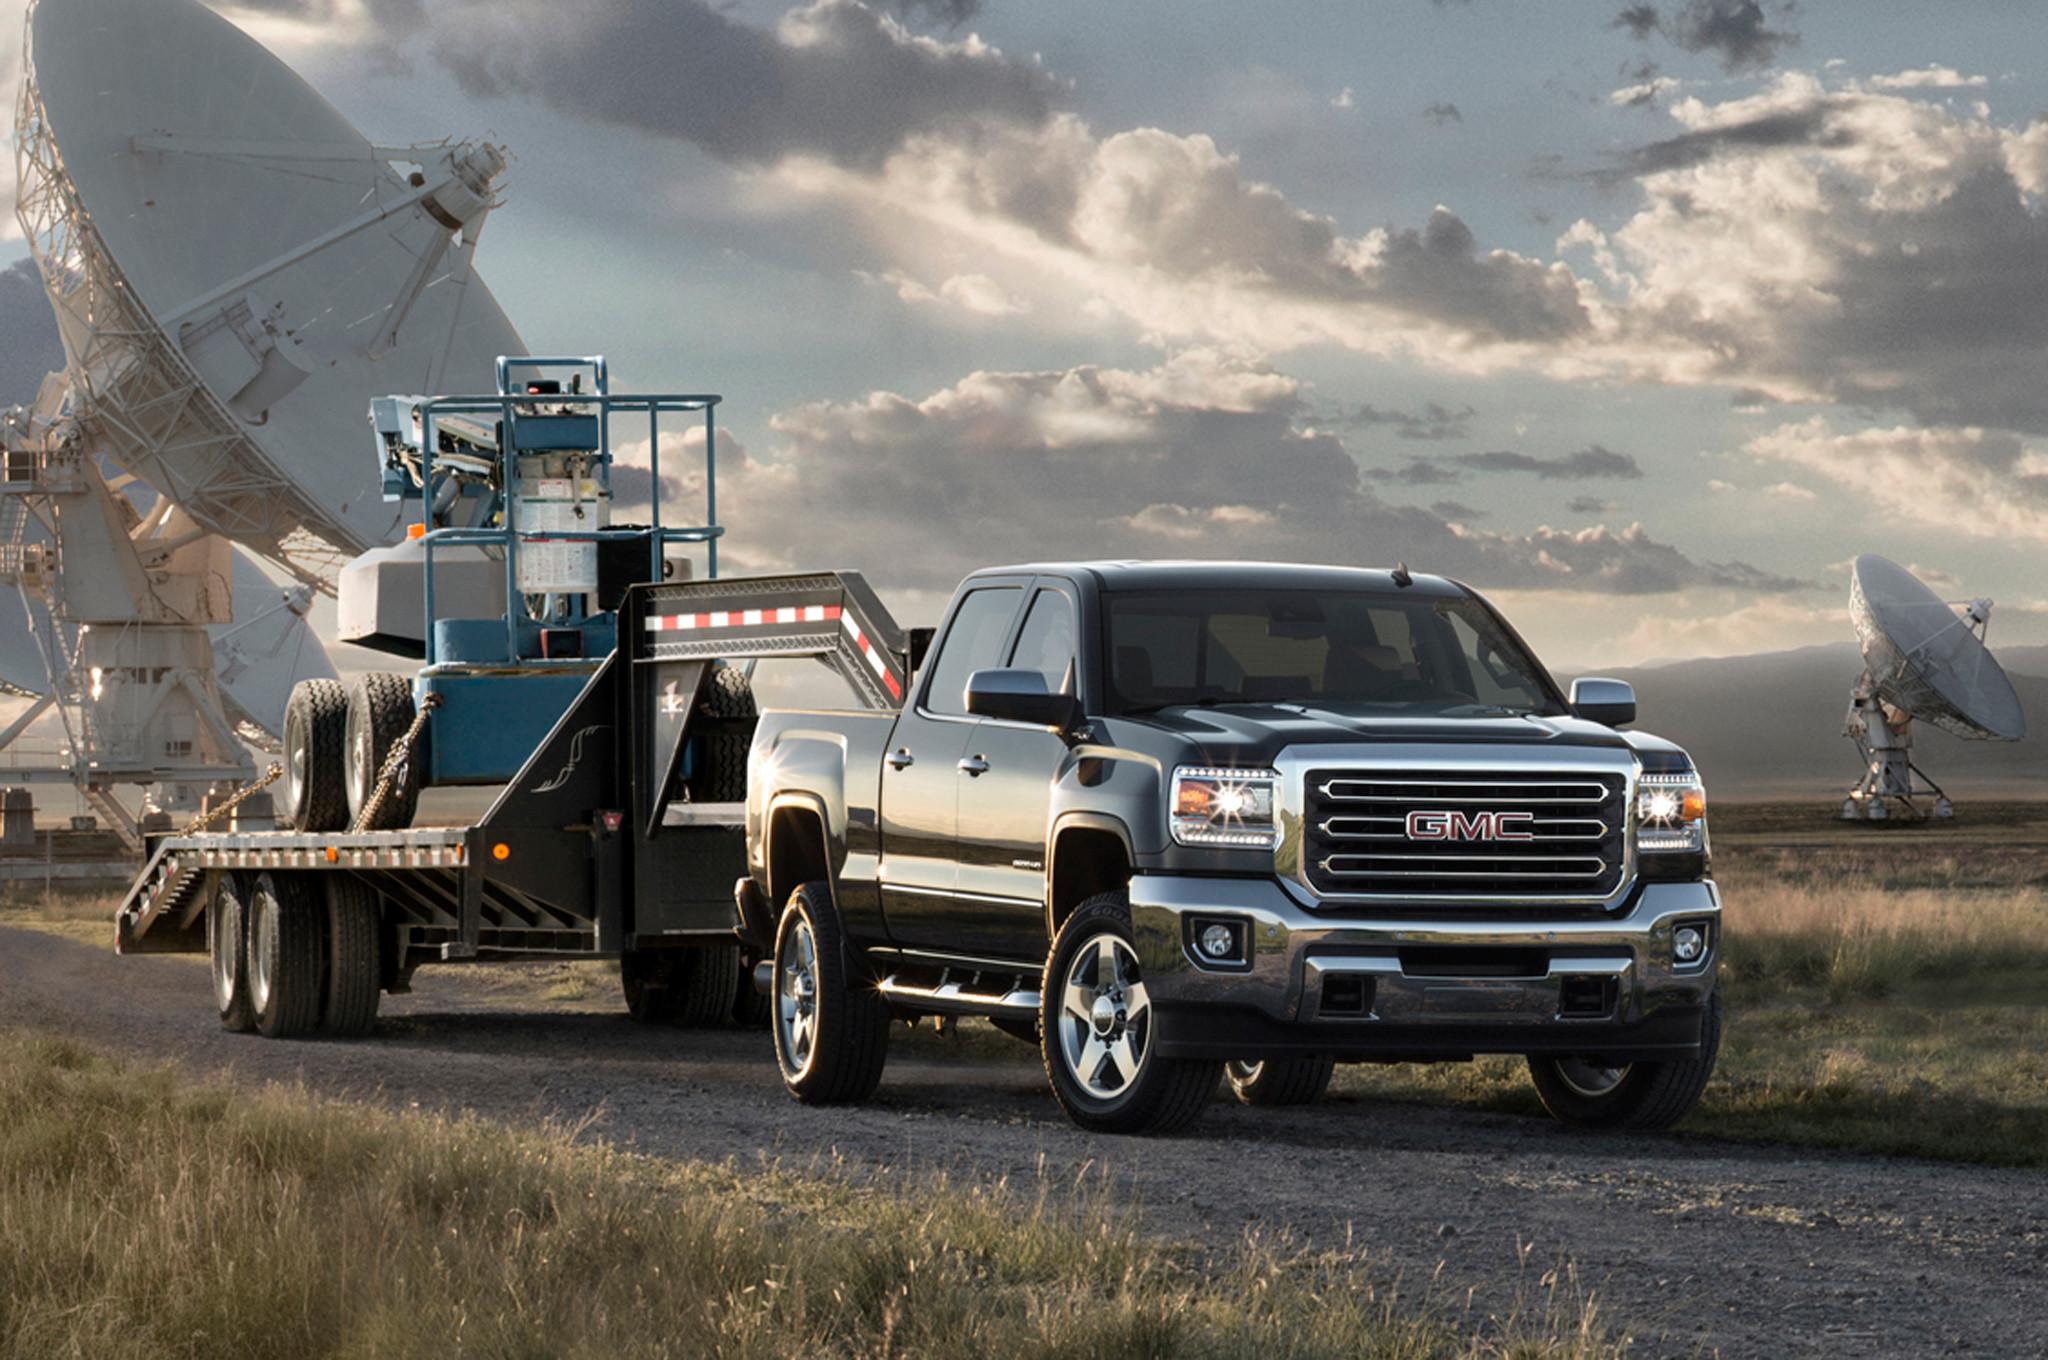 455 best Truck love images on Pinterest | Lifted trucks, Pickup trucks and  Diesel trucks